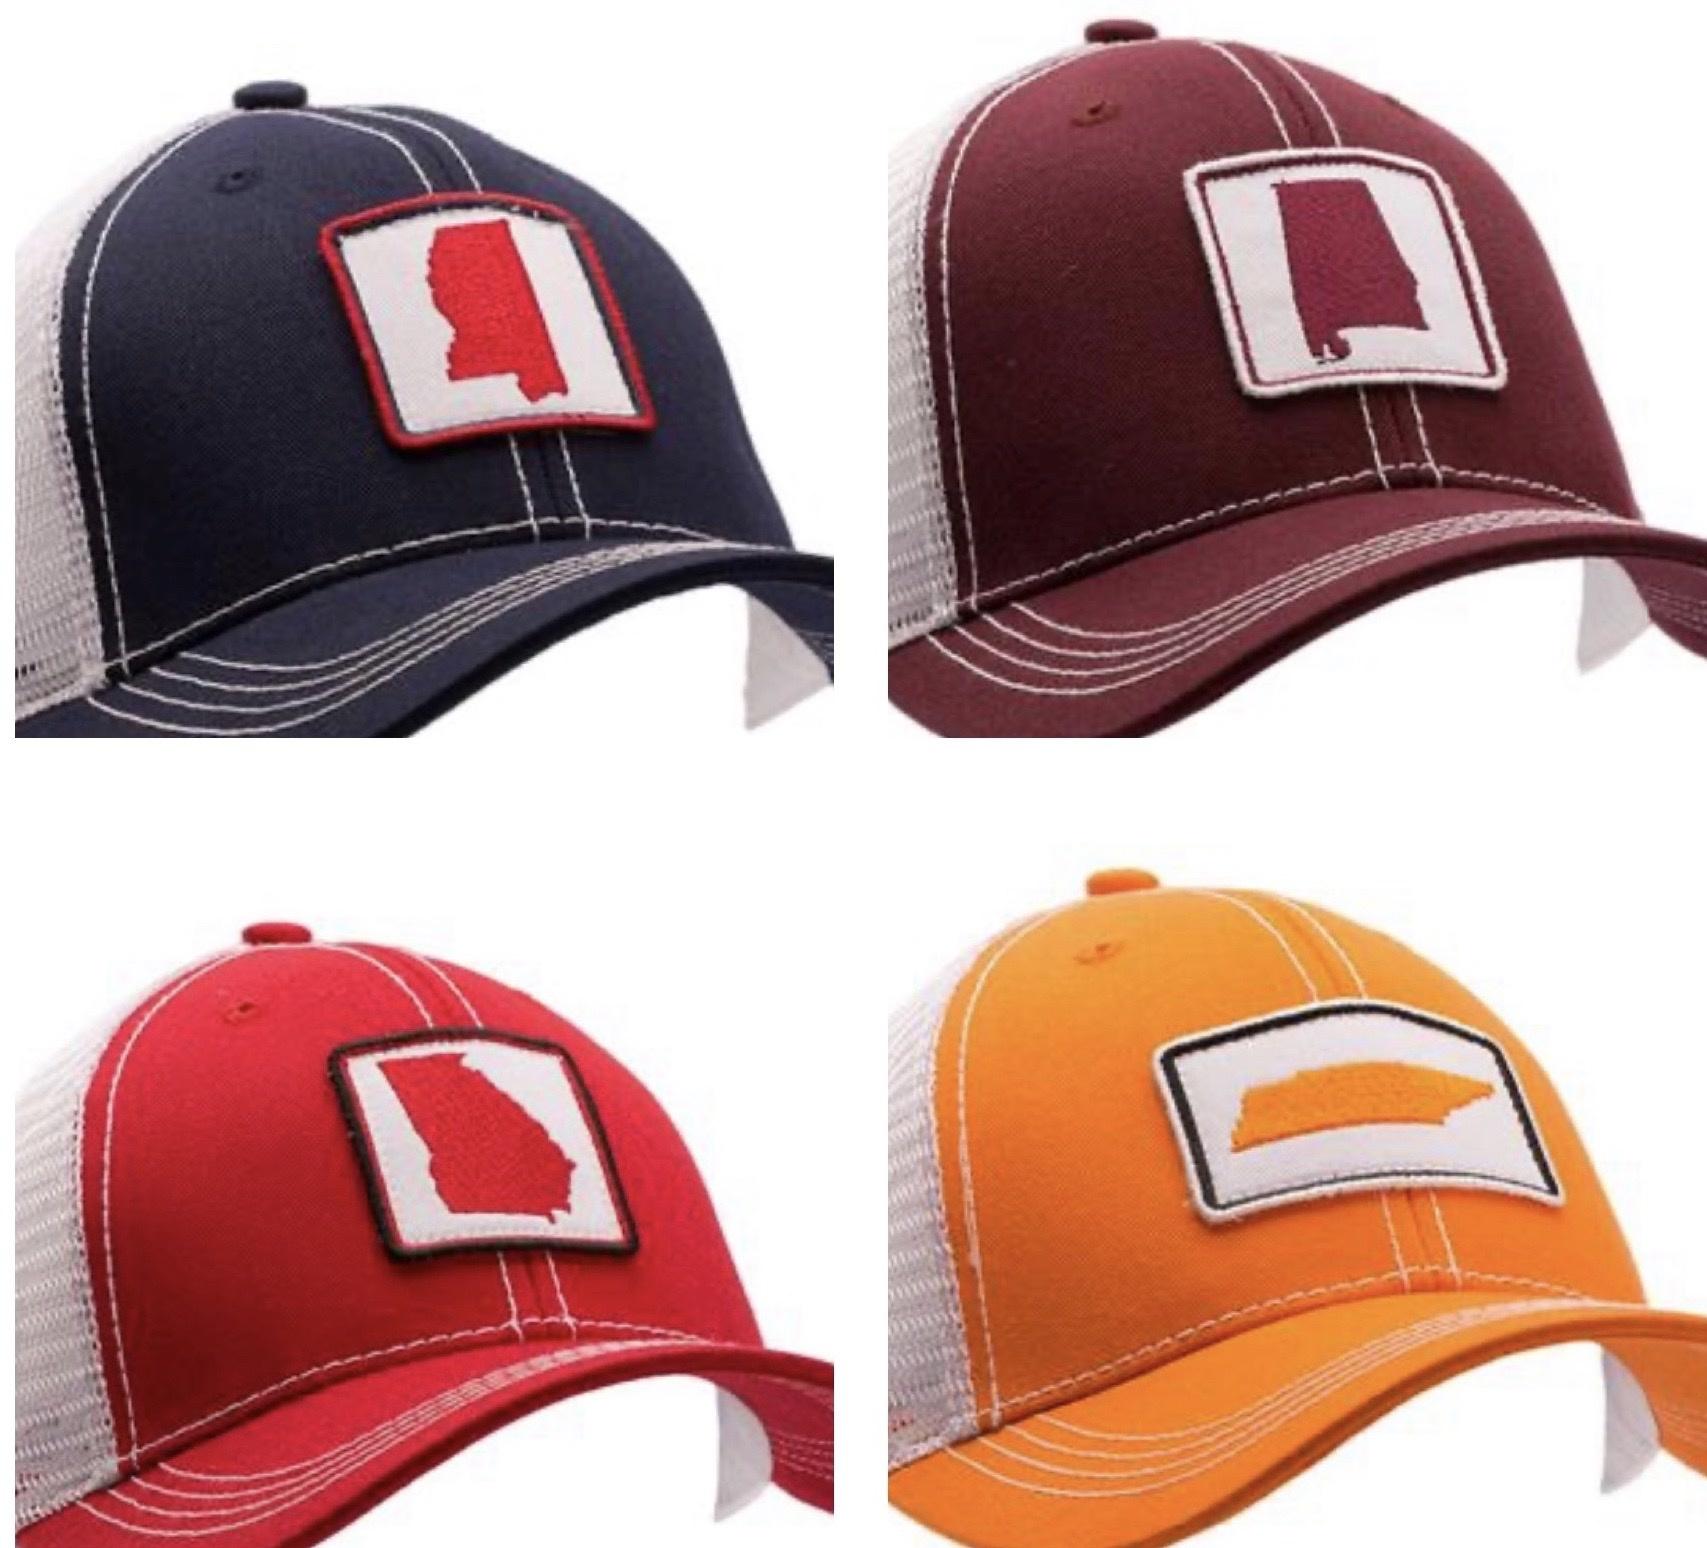 Southern Hooker Collegiate Trucker Hat